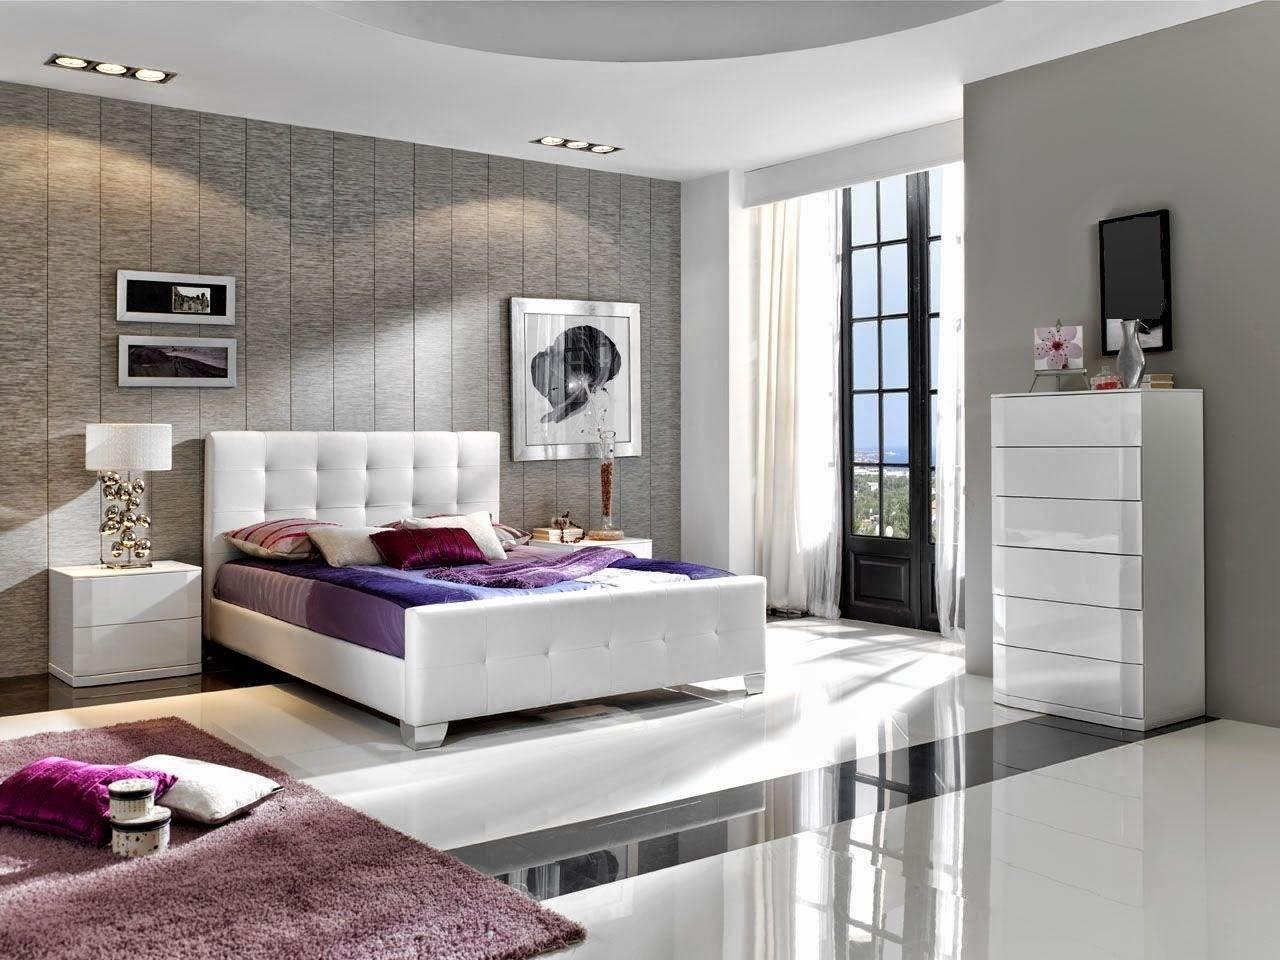 Decoration Moderne Et Romantique | Avant Après Une Chambre à Coucher ...